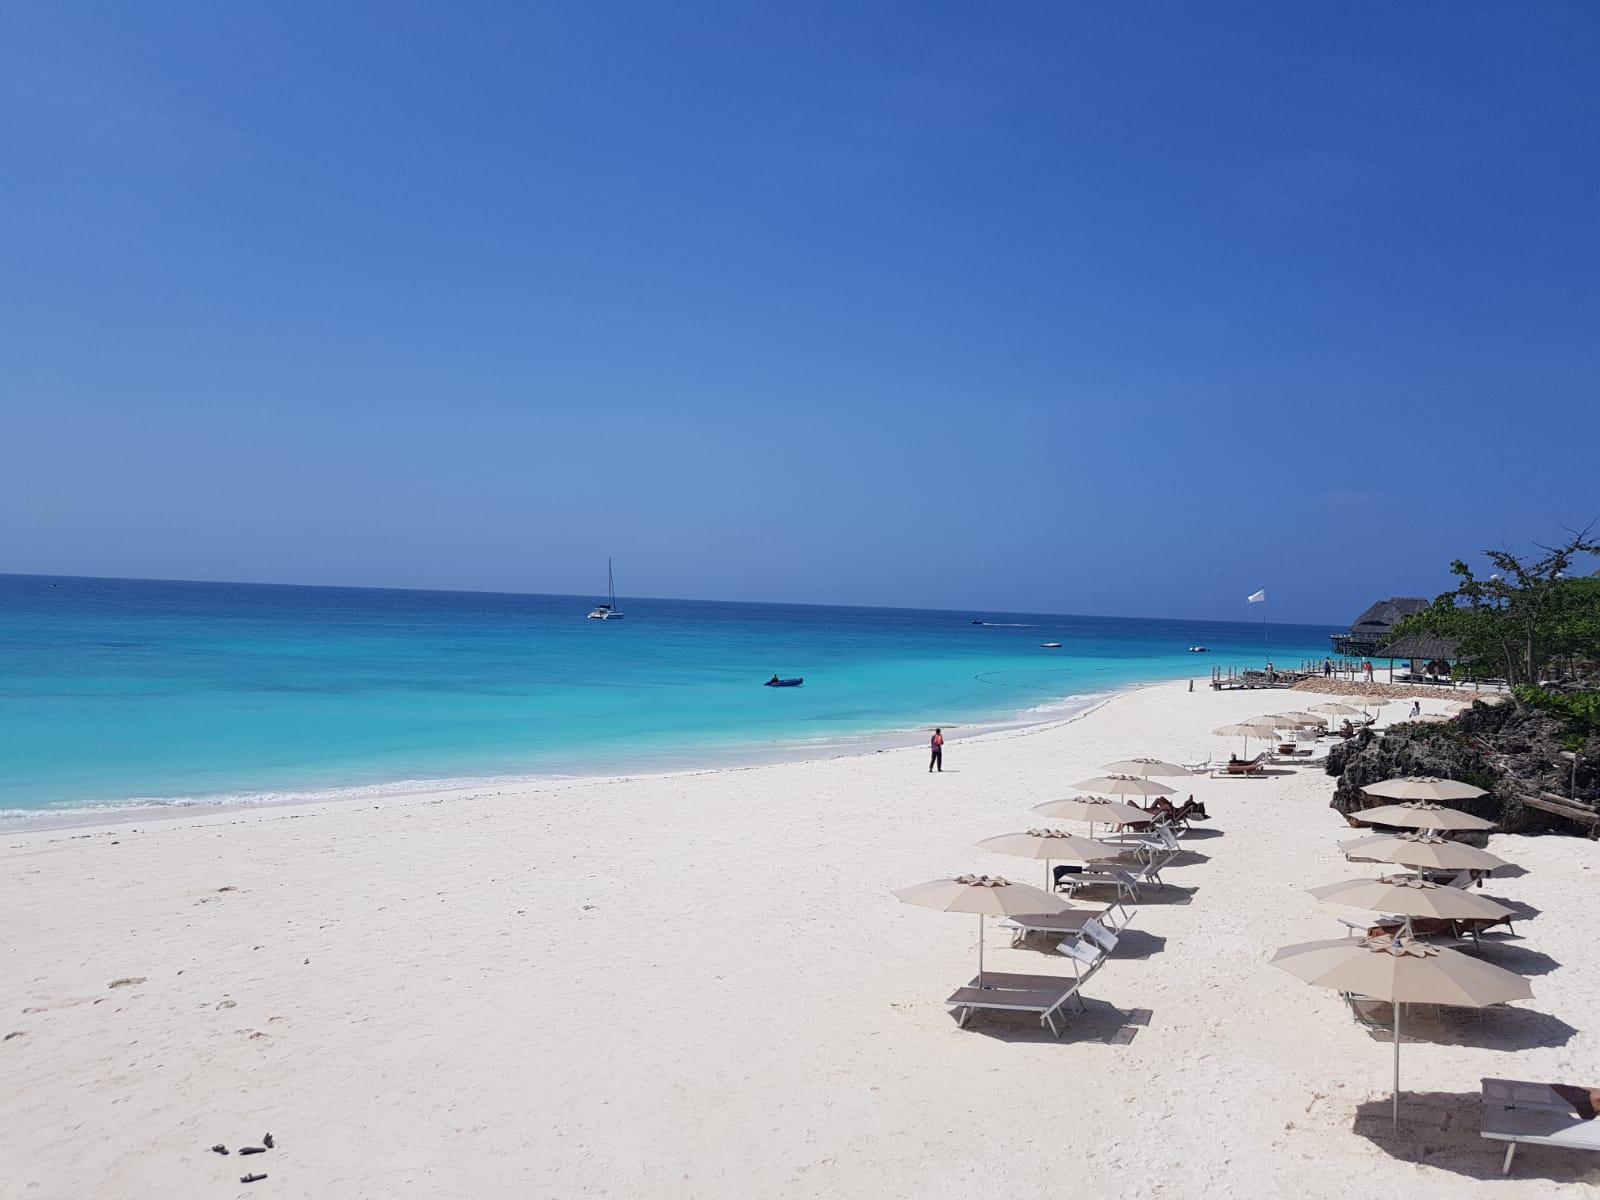 Imagini de la turişti: Vacanţă în Zanzibar , foto @ANCAPAVEL.RO